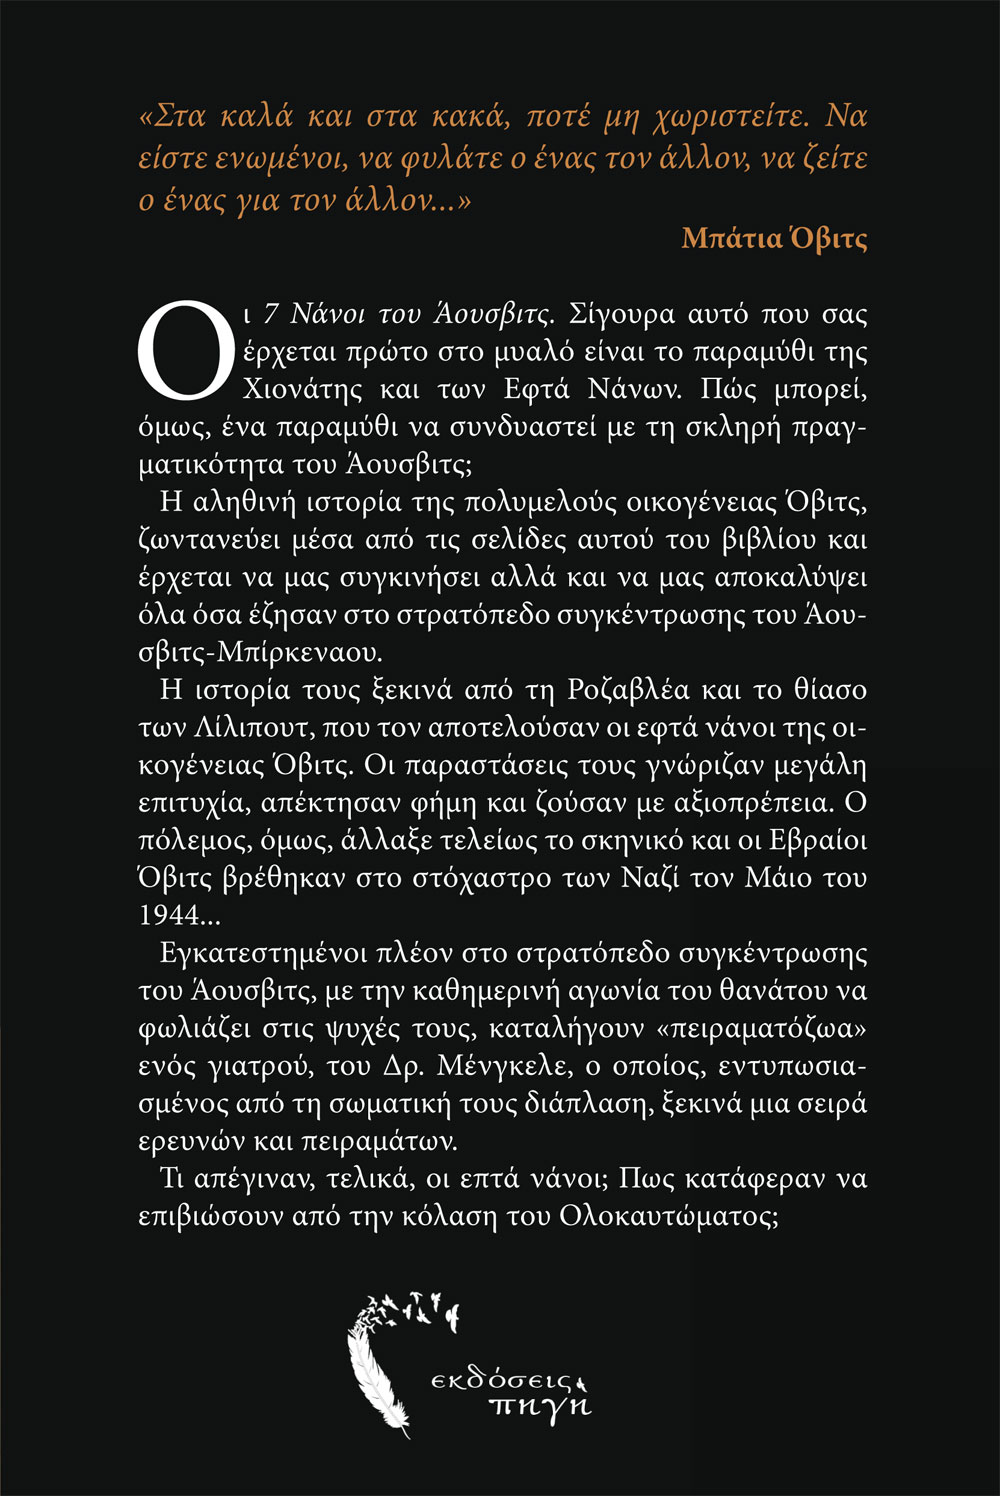 Οπισθόφυλλο, Οι 7 Νάνοι του Άουσβιτς, Εκδόσεις Πηγή